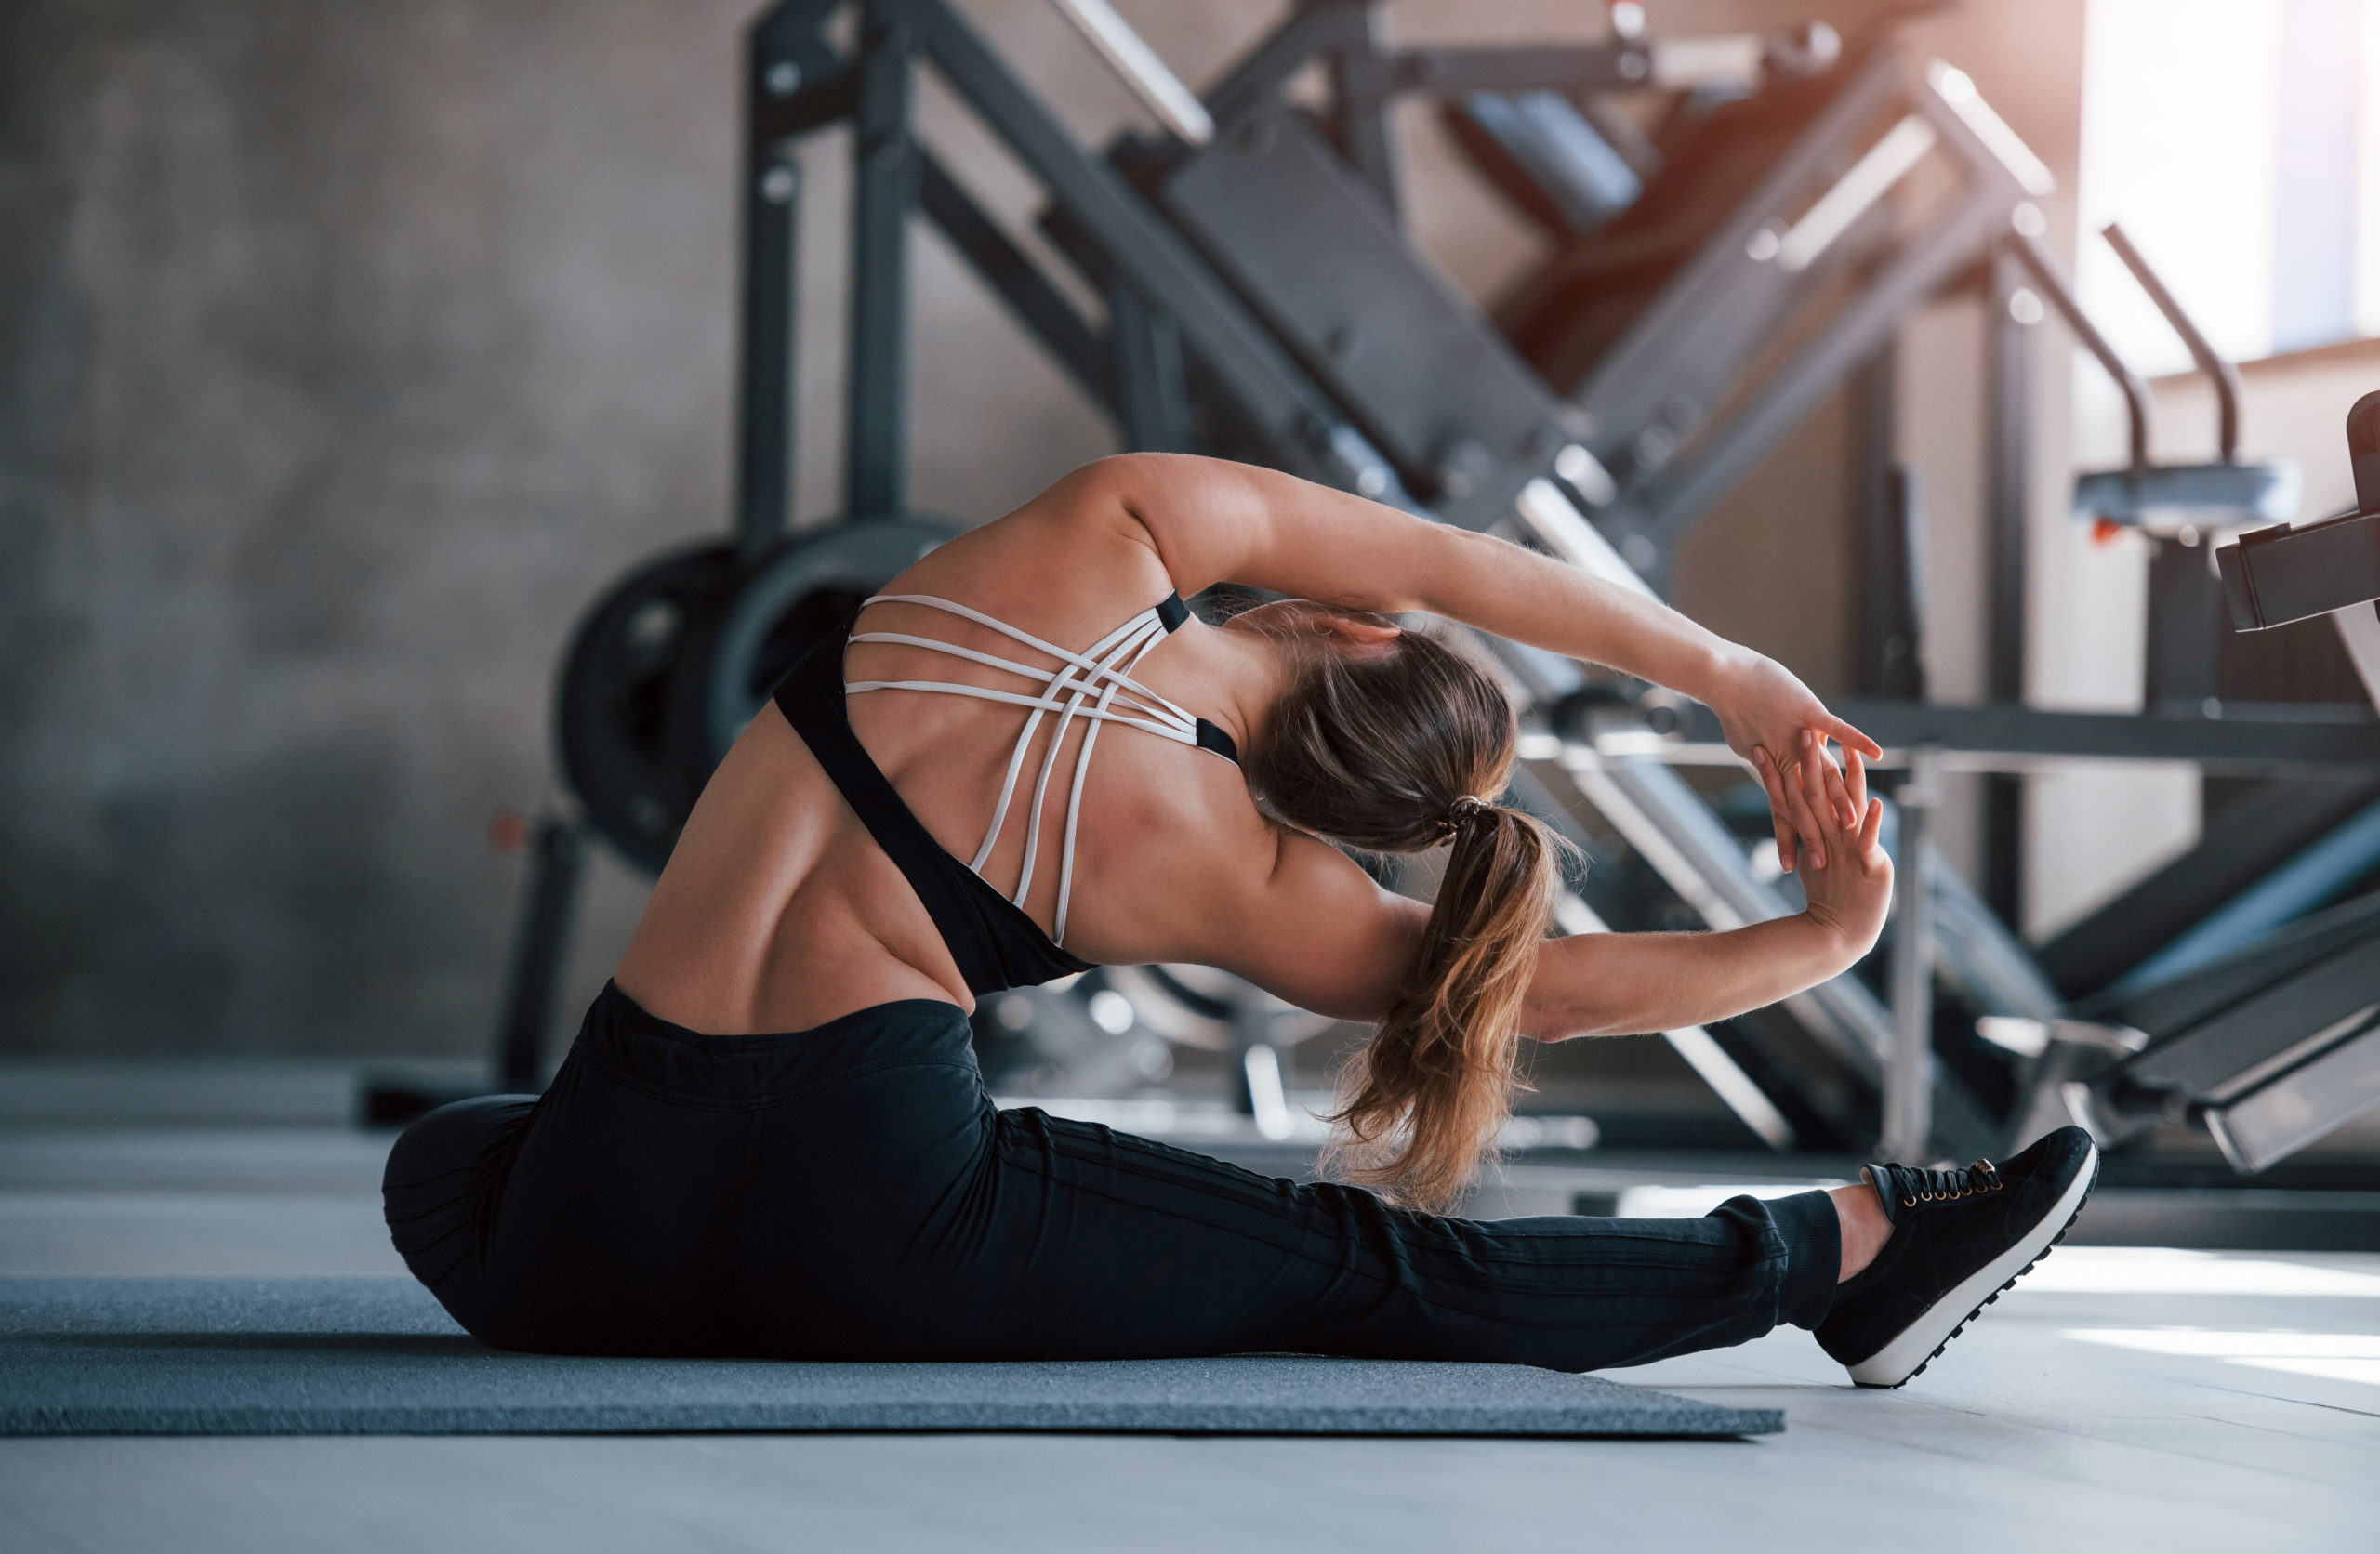 Mehr Flexibilität für mehr Leistung: 6 Tipps wie Du Deine Flexibilität testest & verbesserst